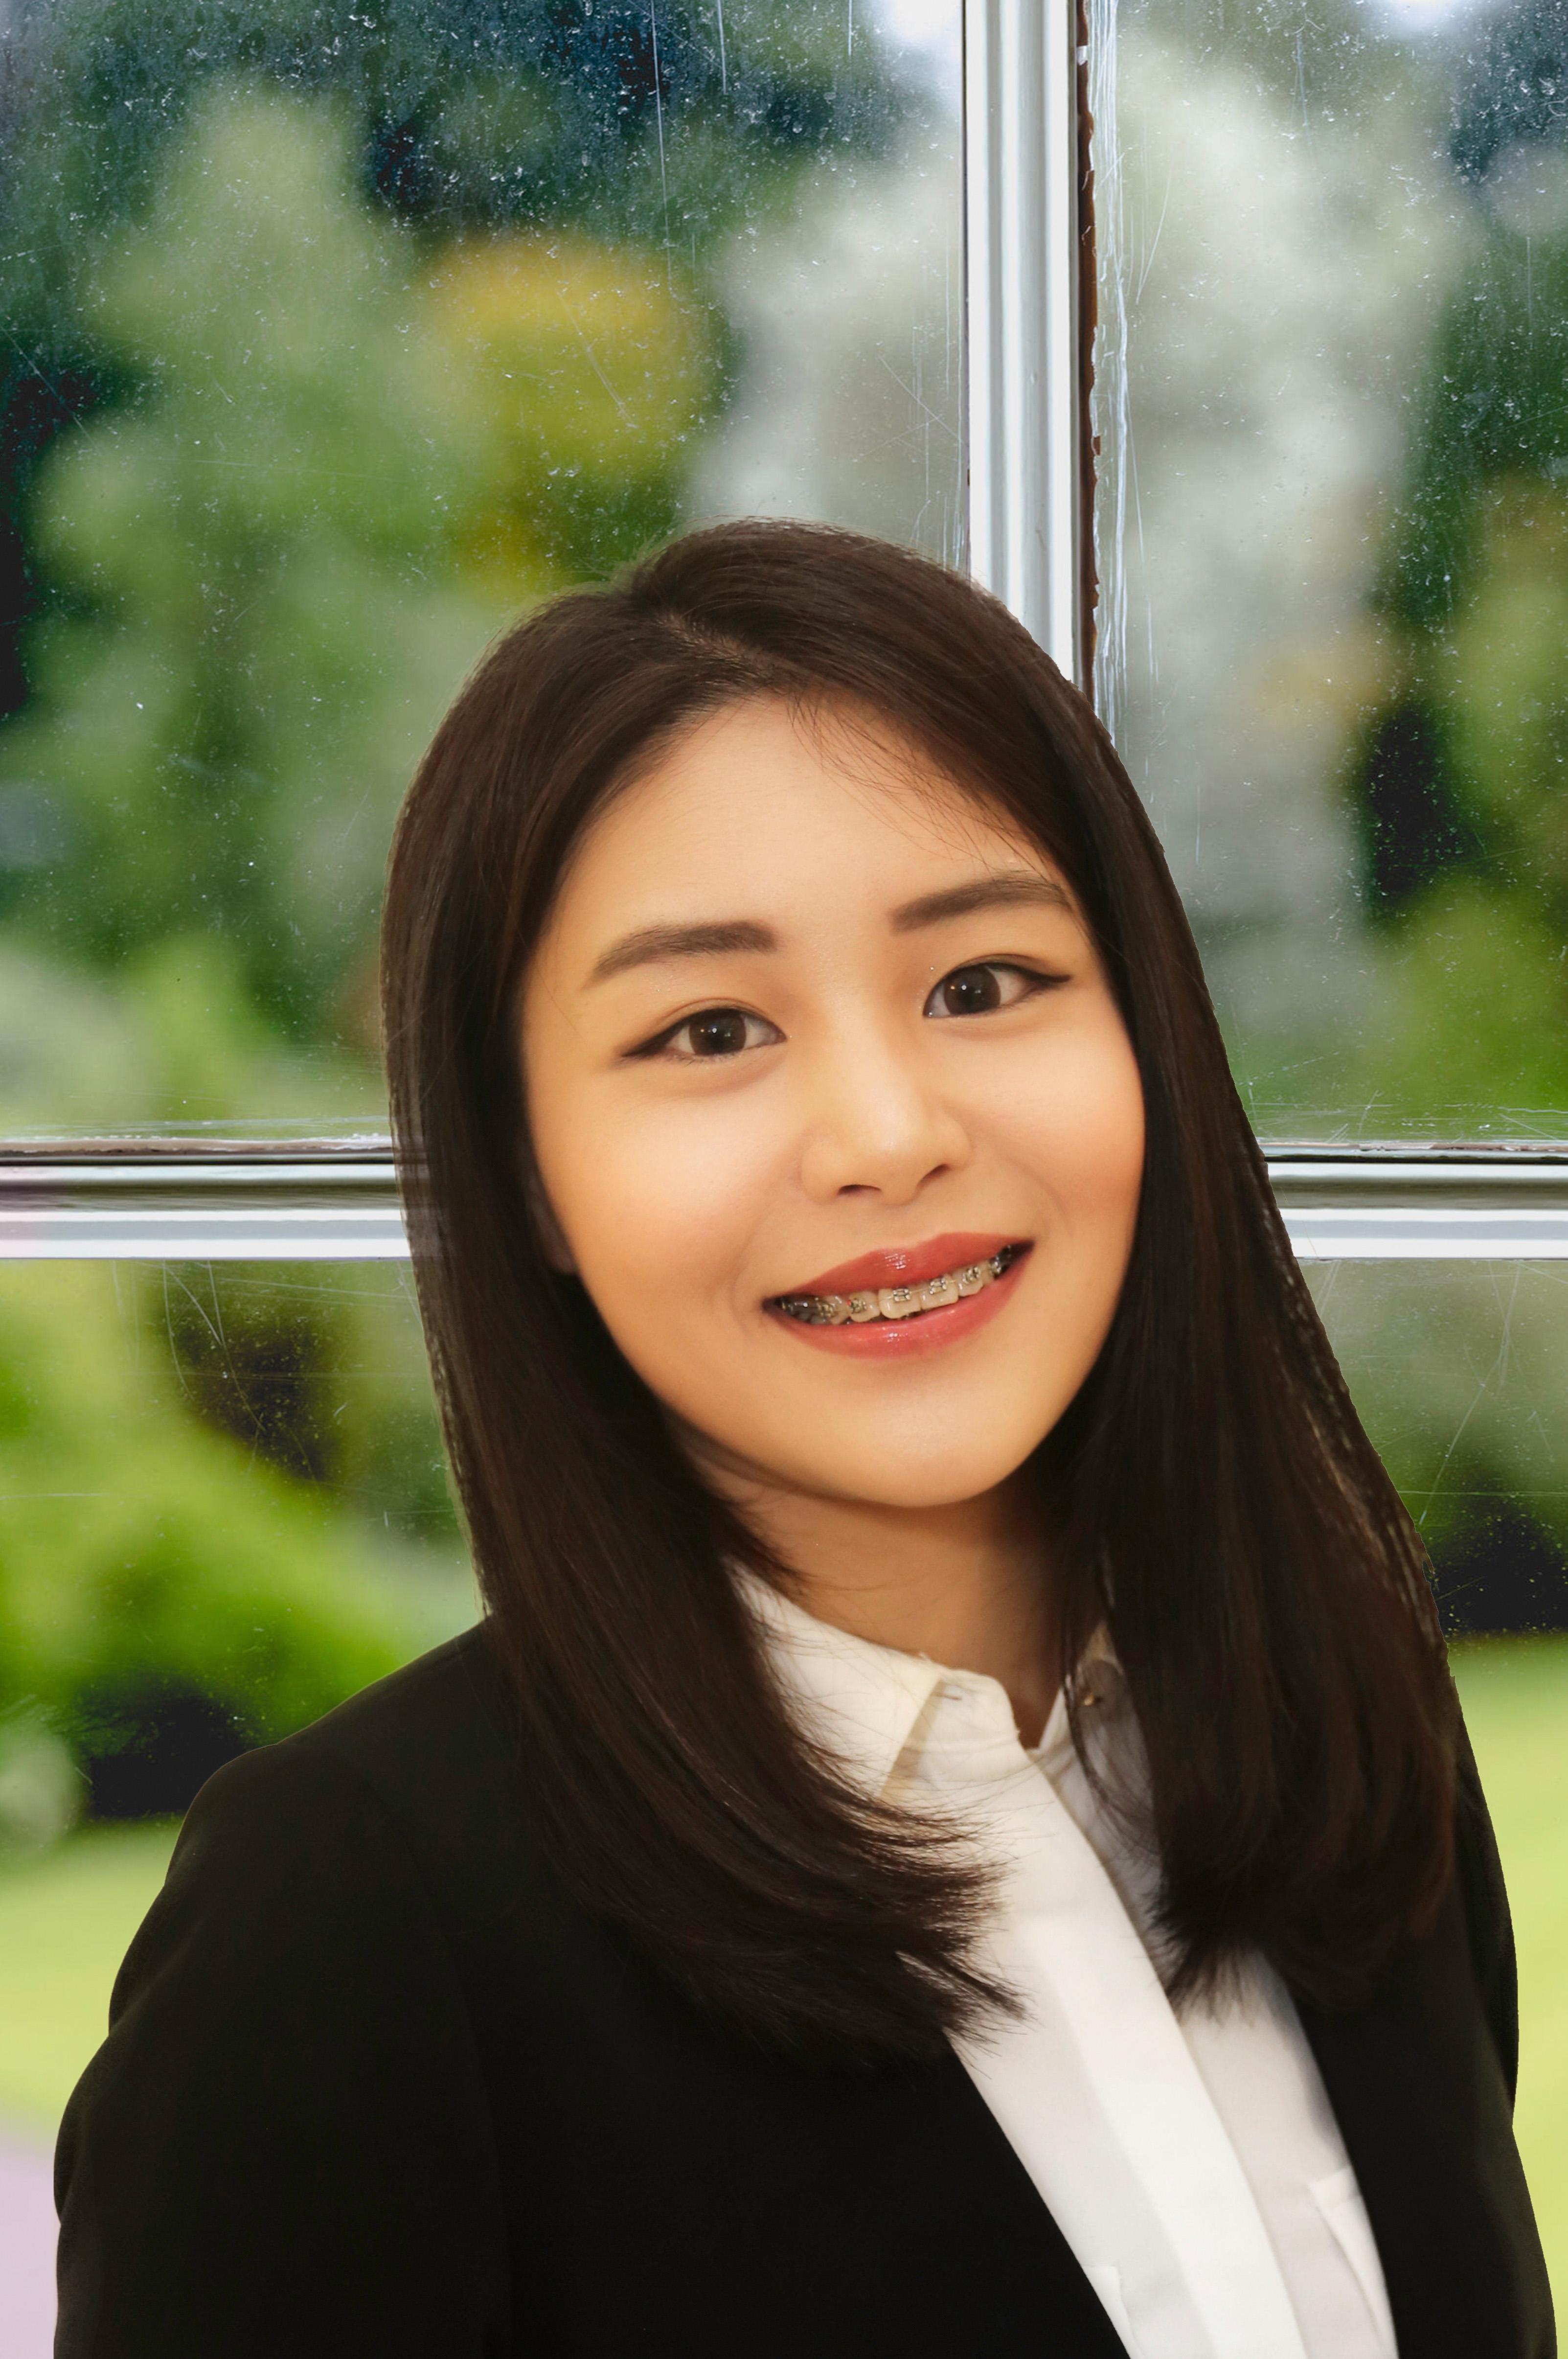 Vicky Zhou